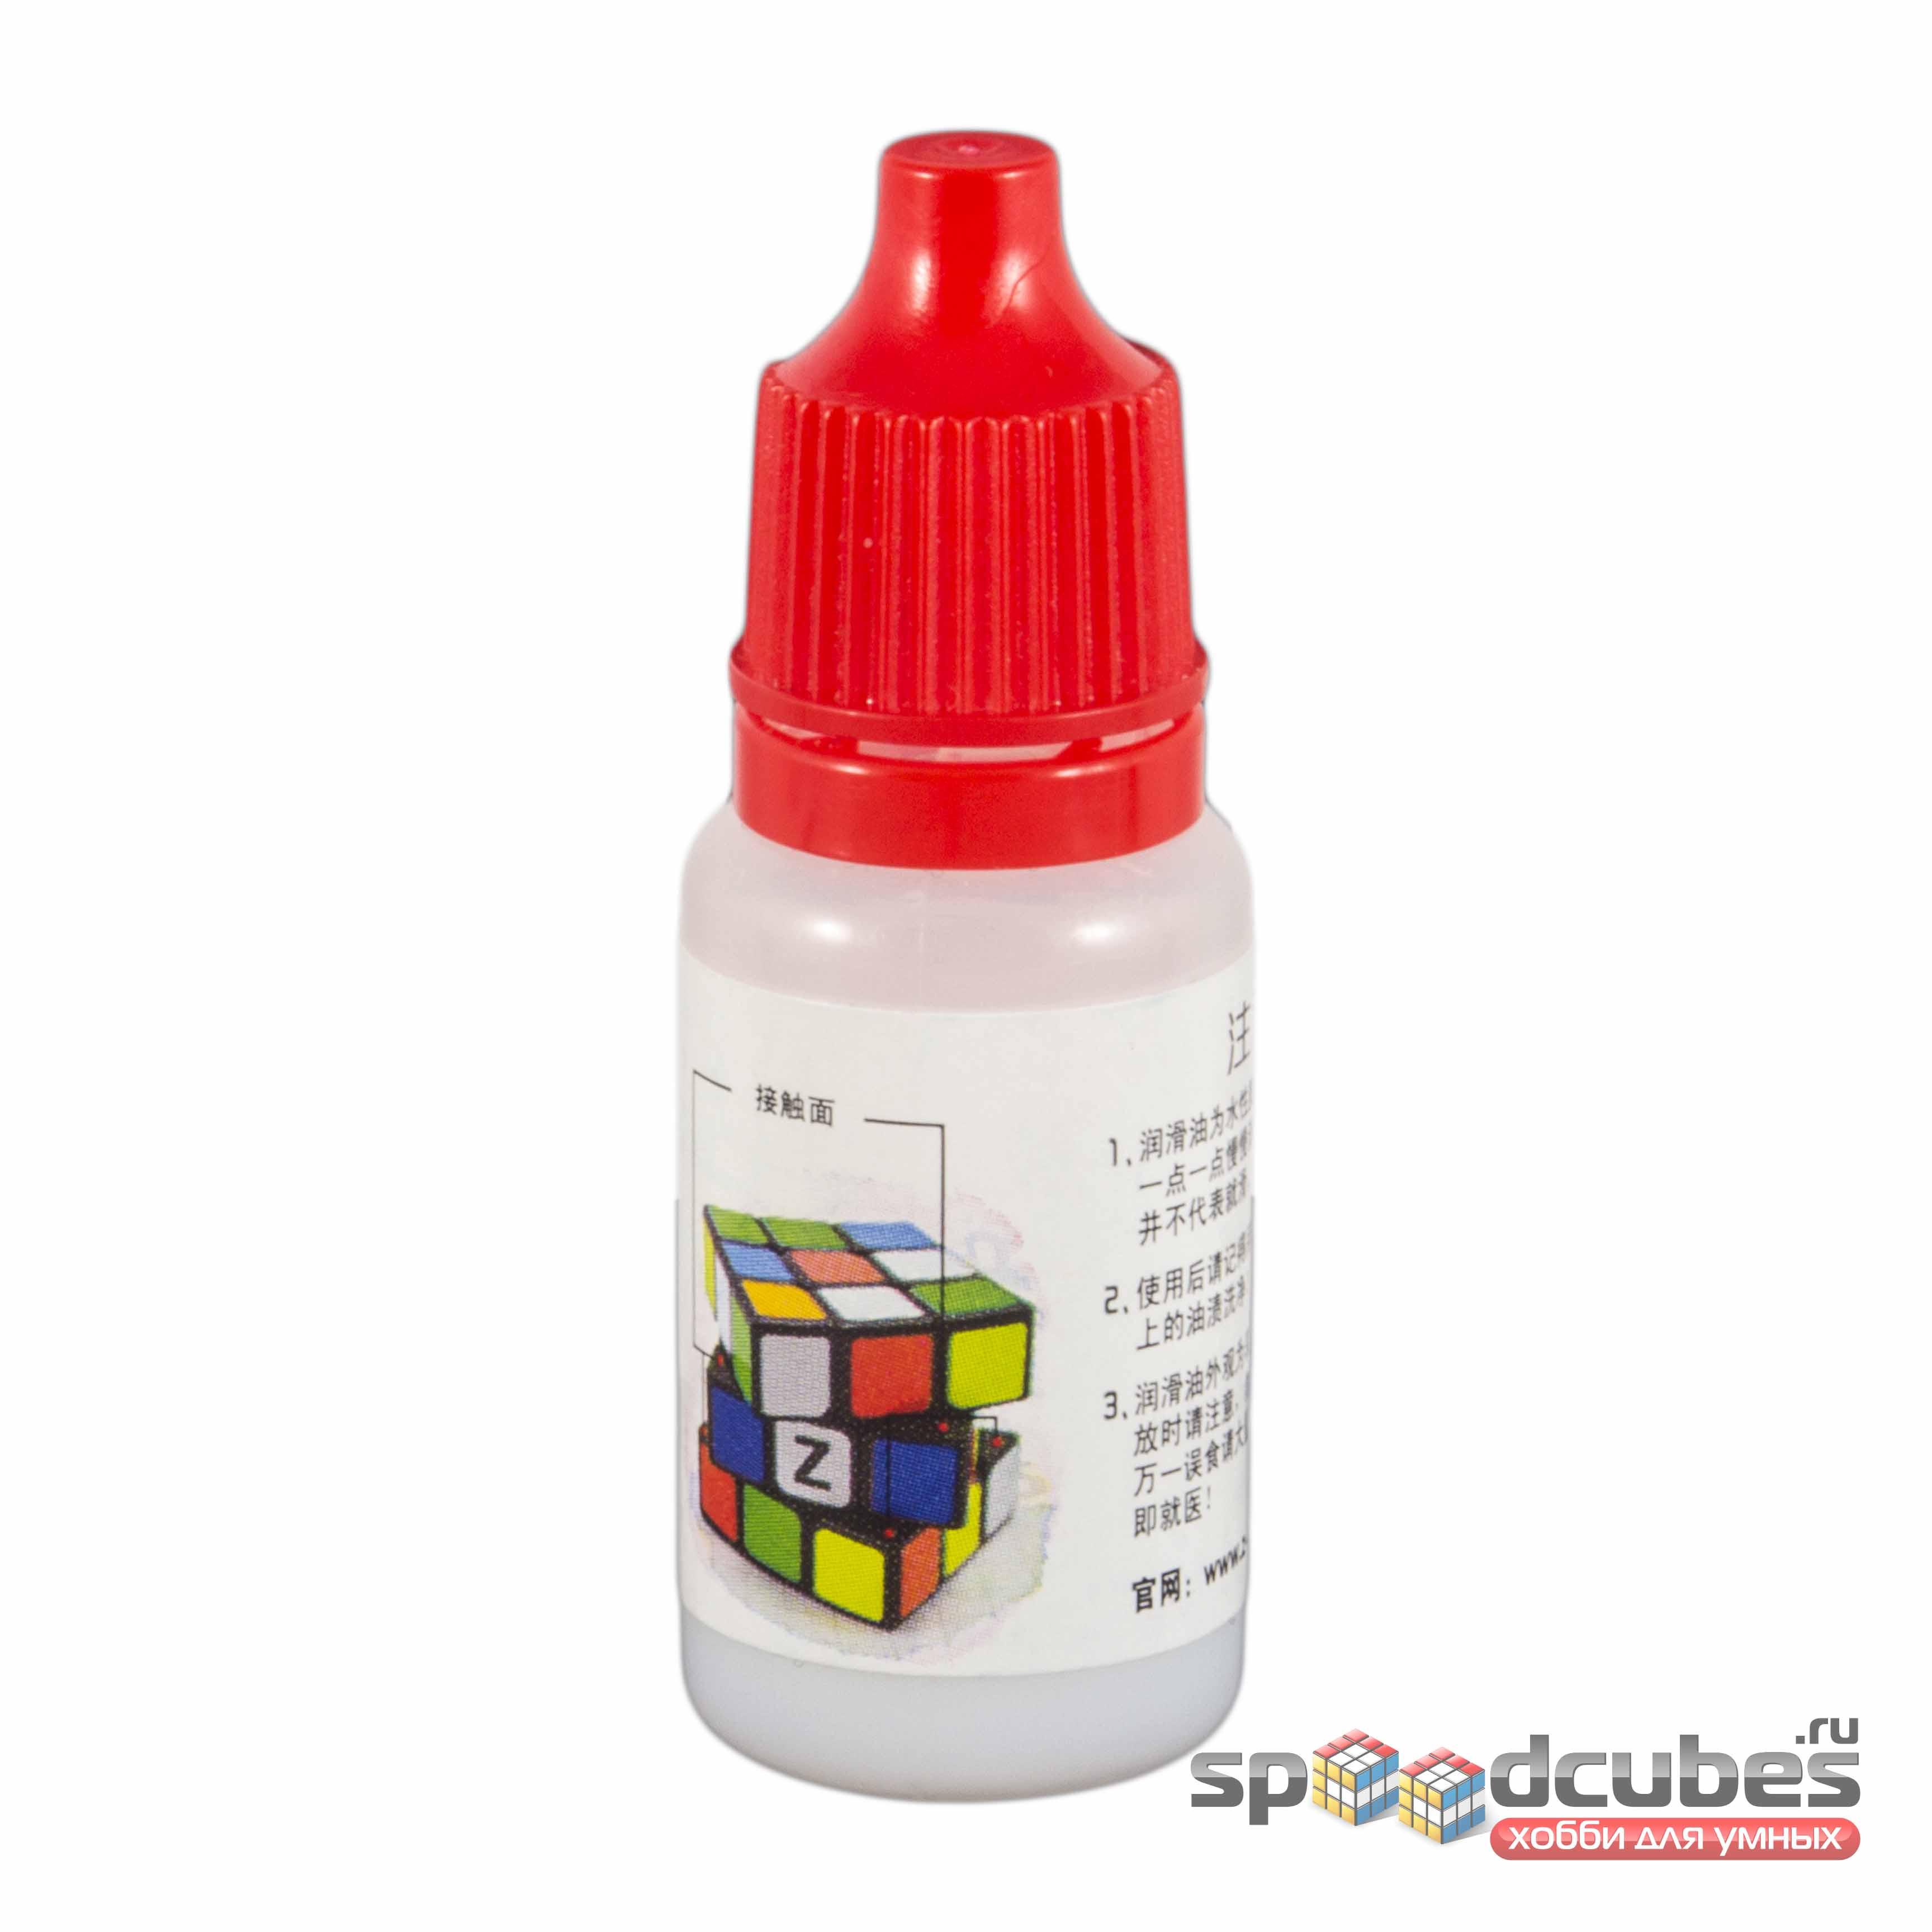 Z-lube 10ml смазка силиконовая для кубов